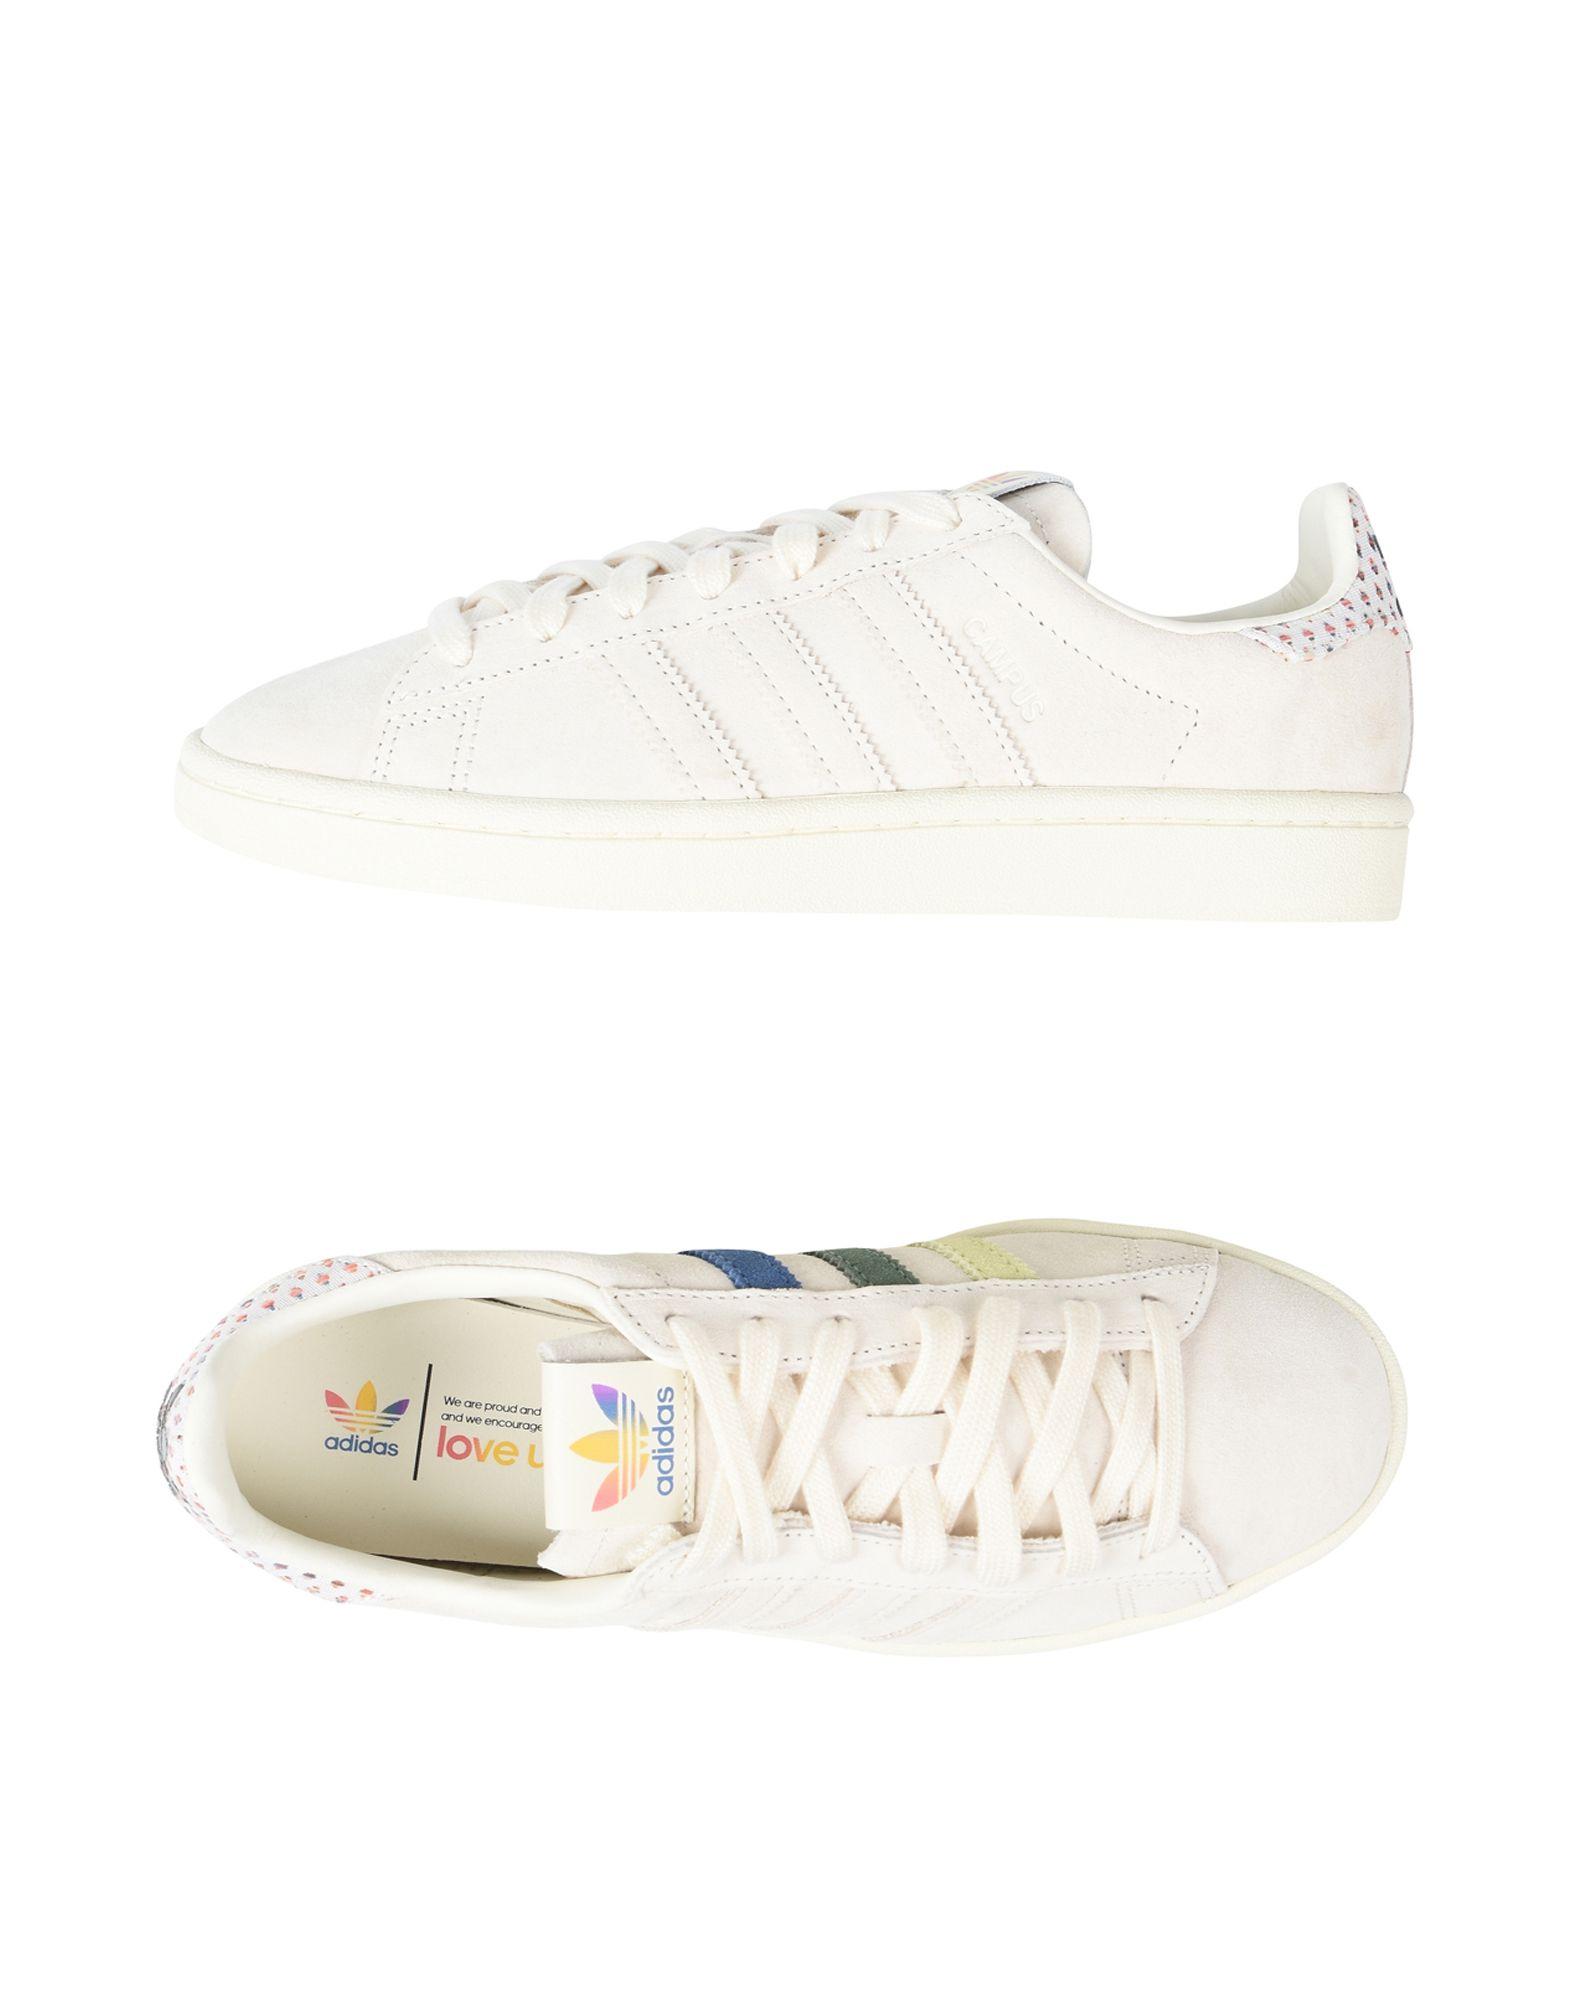 Adidas Originals Campus Pride  11534674UI Gute Qualität beliebte Schuhe